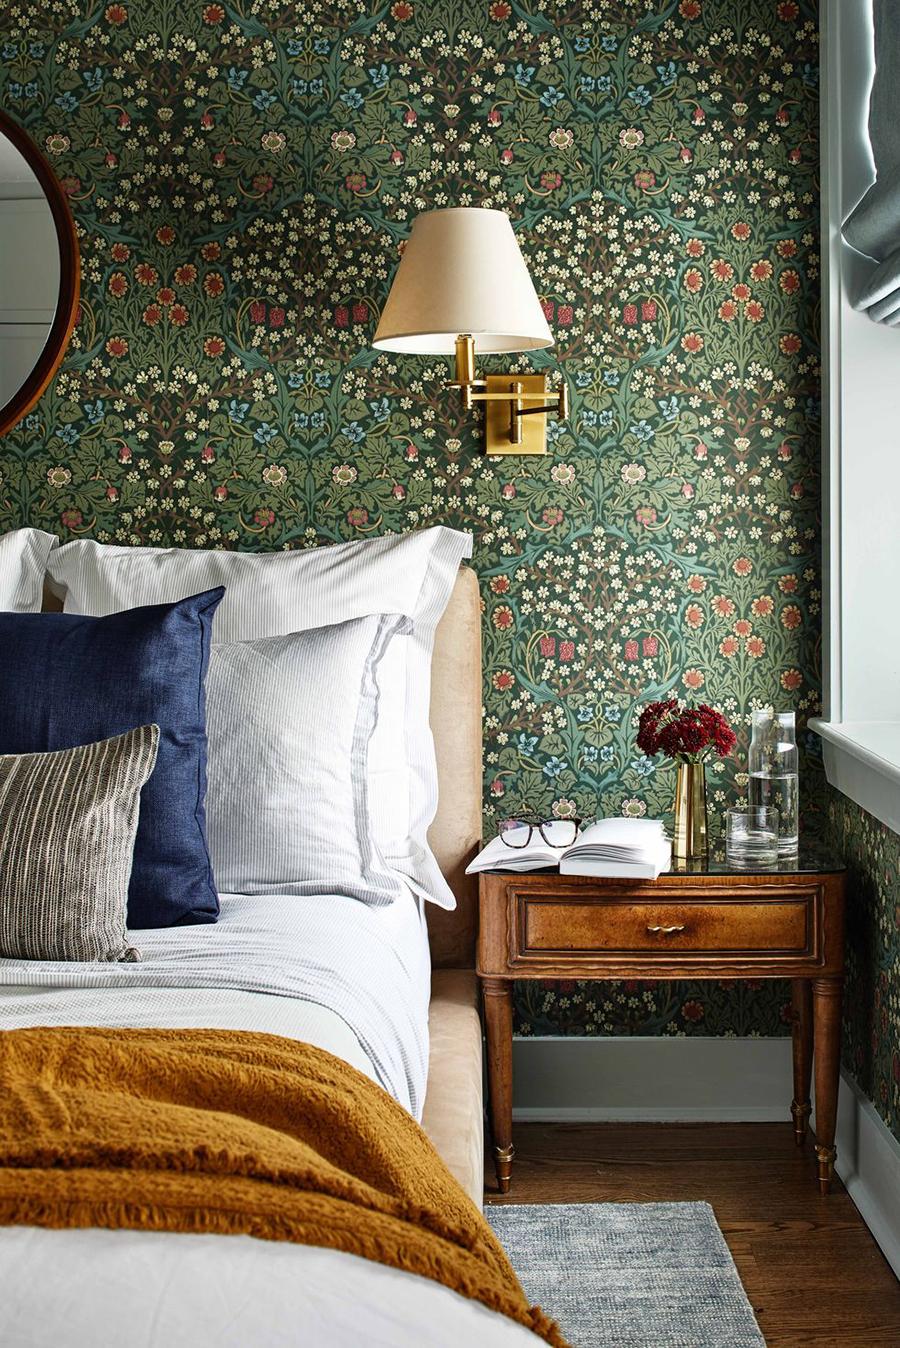 decoración de dormitorio vintage con papel floreado